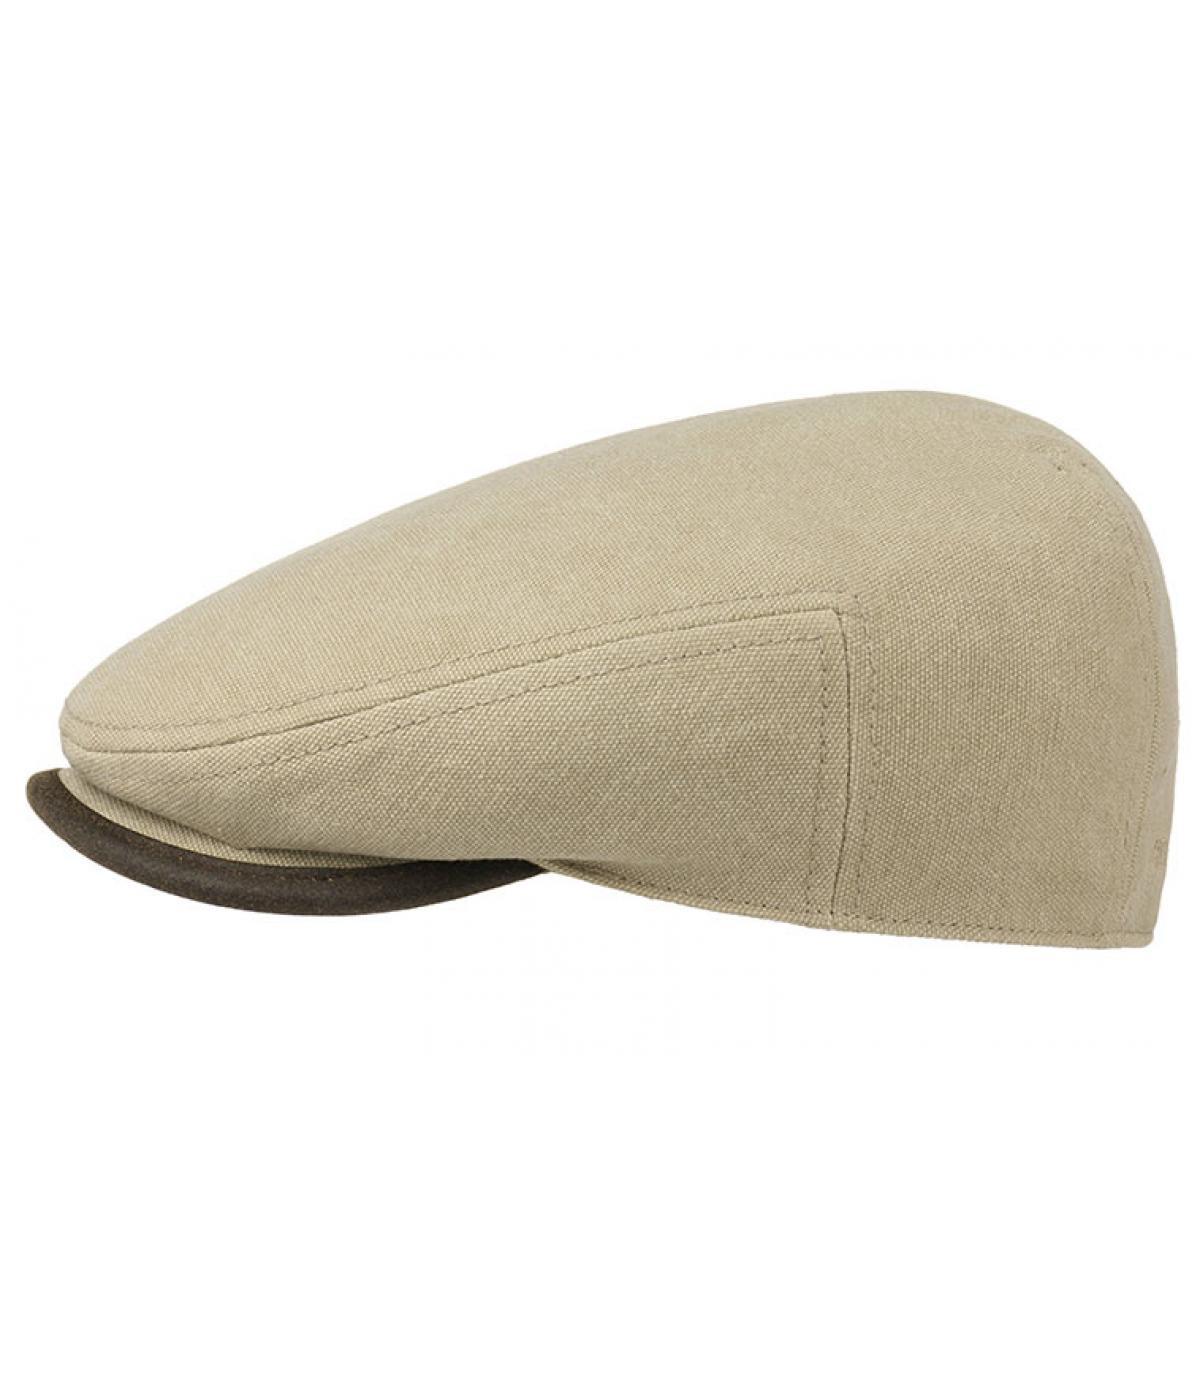 casquette plate coton beige